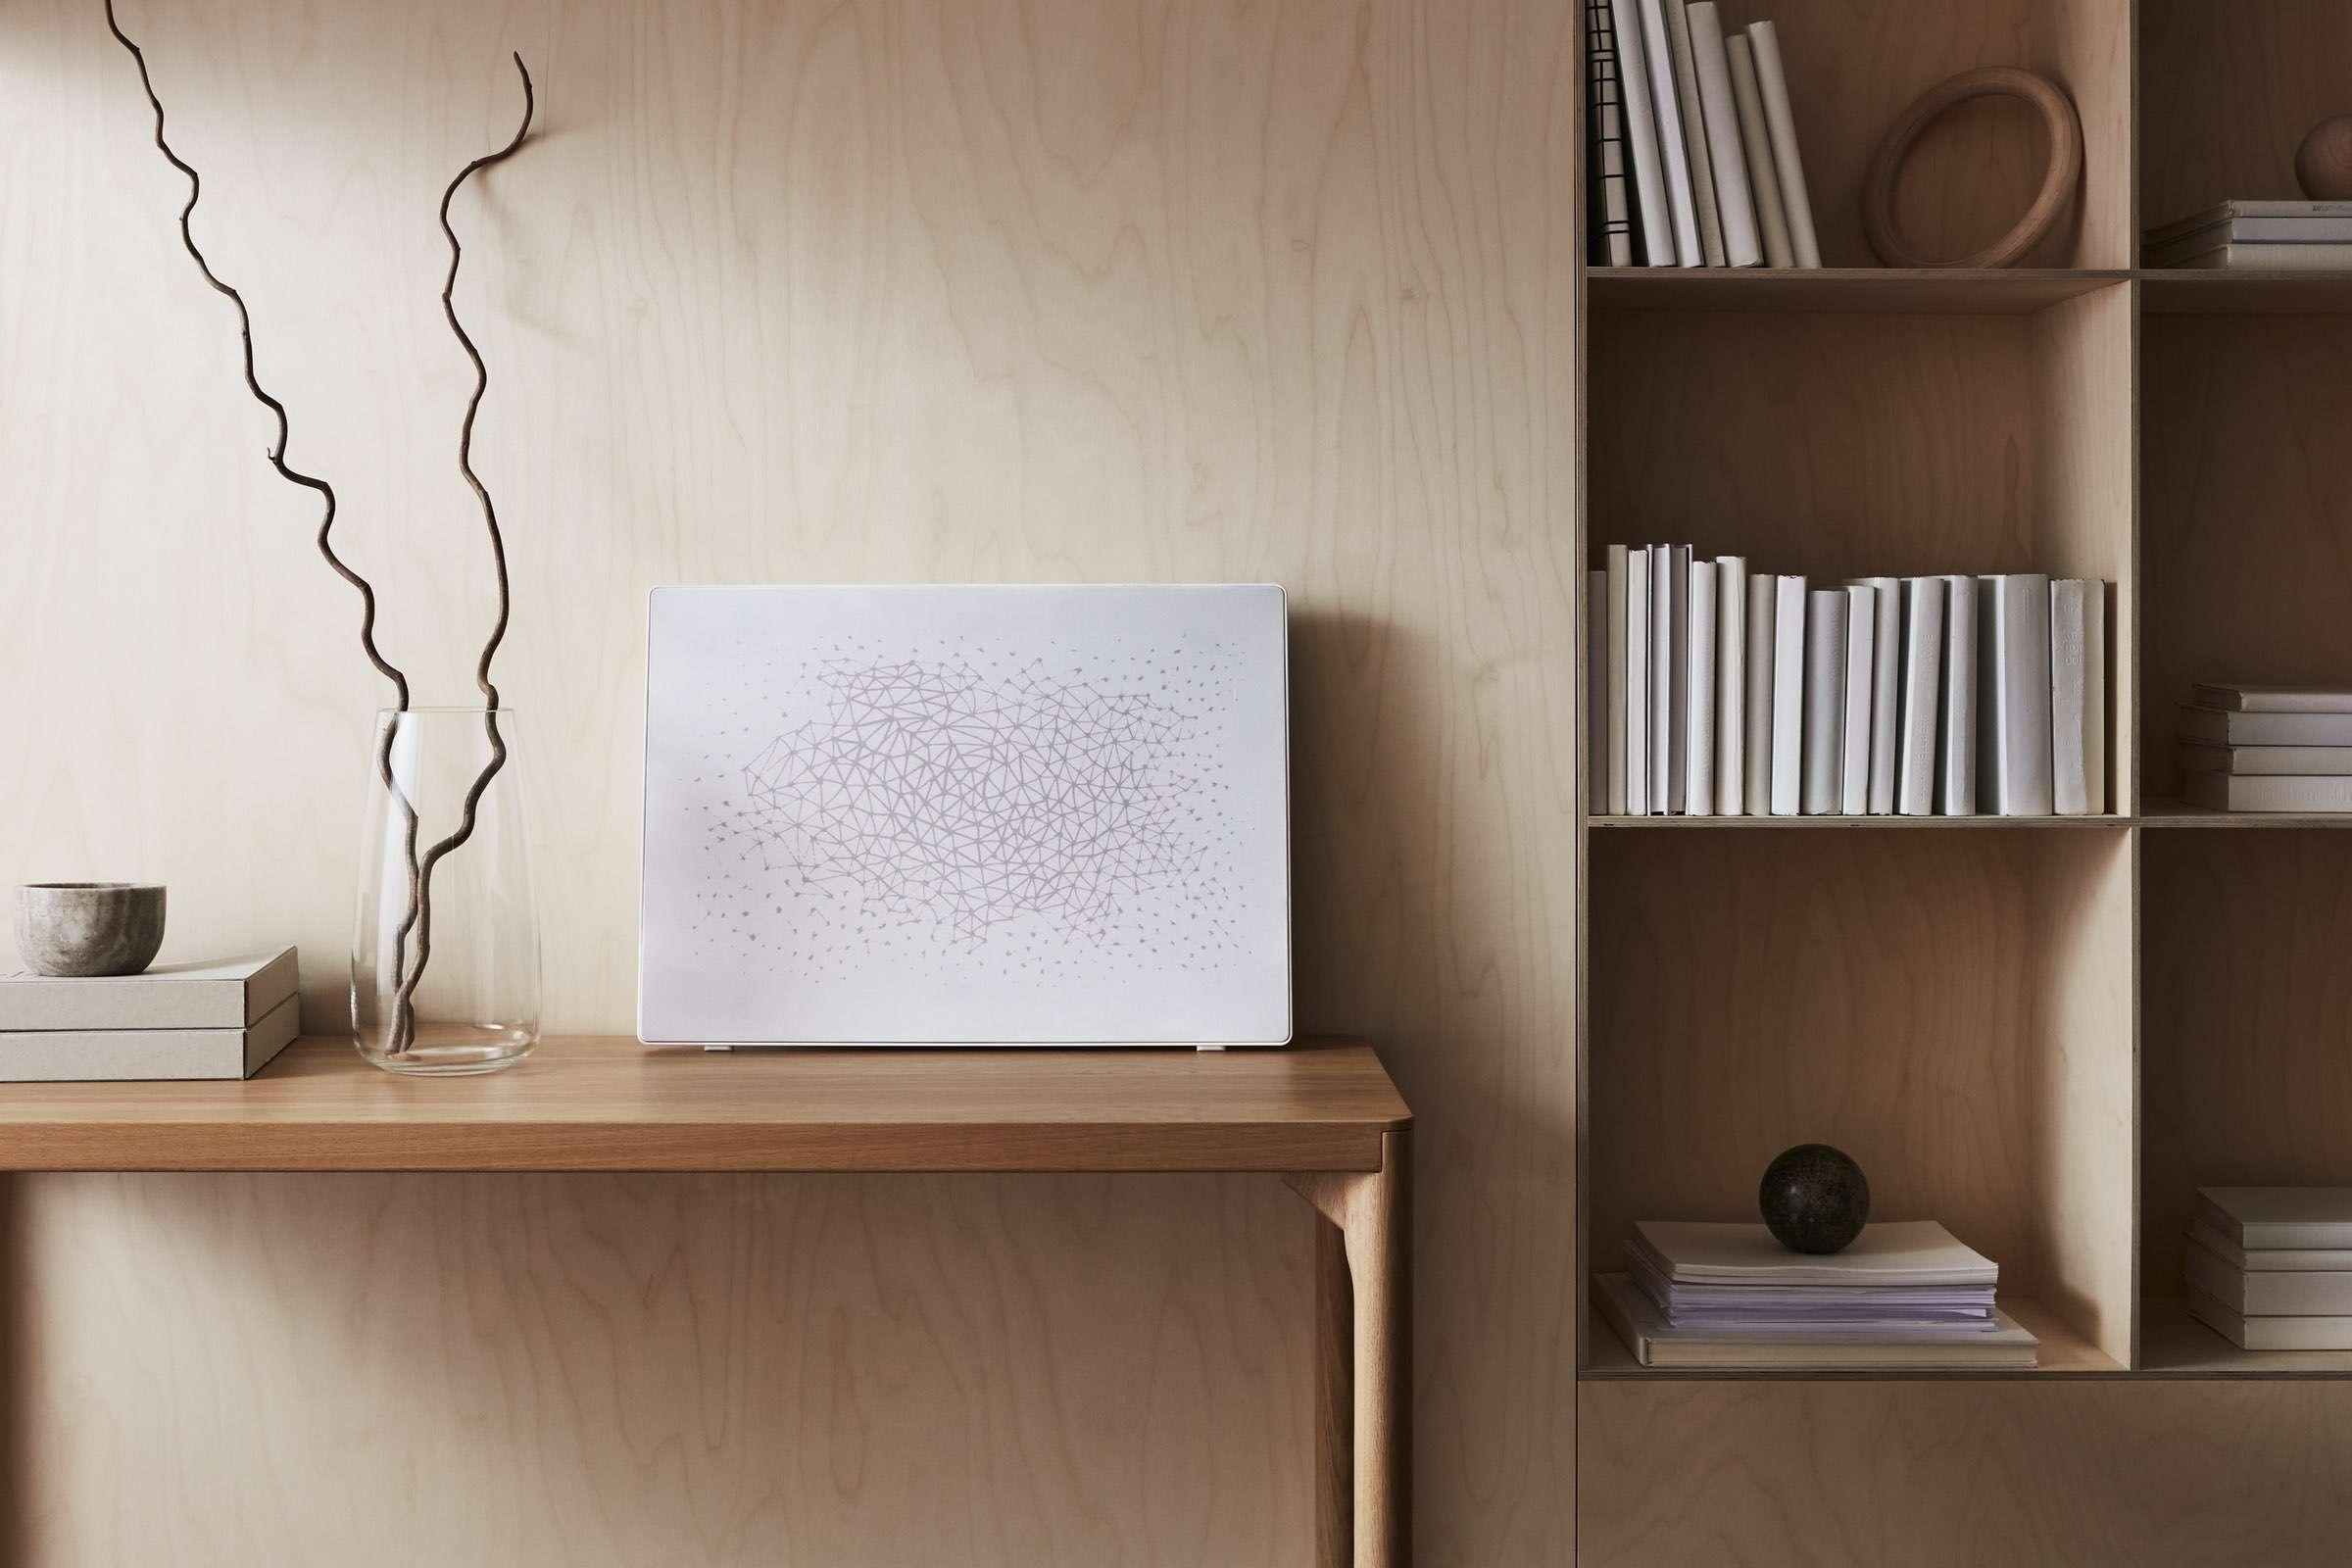 SYMFONISK Rahmen mit WiFi-Speaker vorgestellt